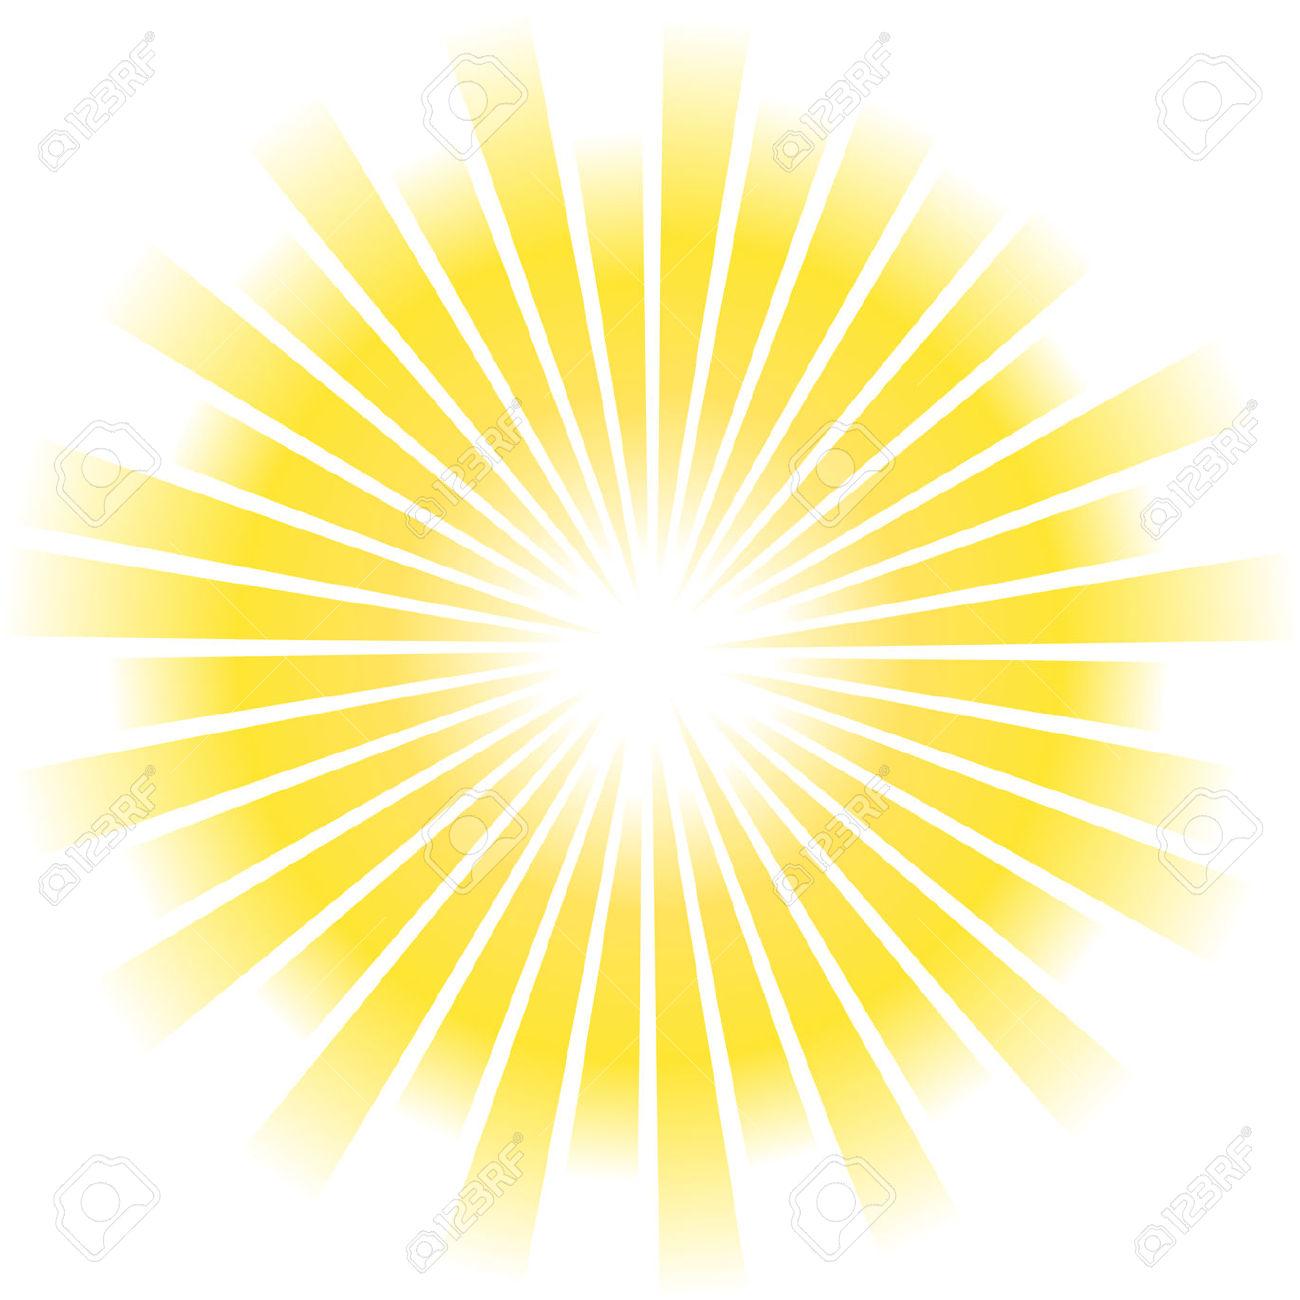 Ray golden y jesus reyes follando en el semad - 2 part 4